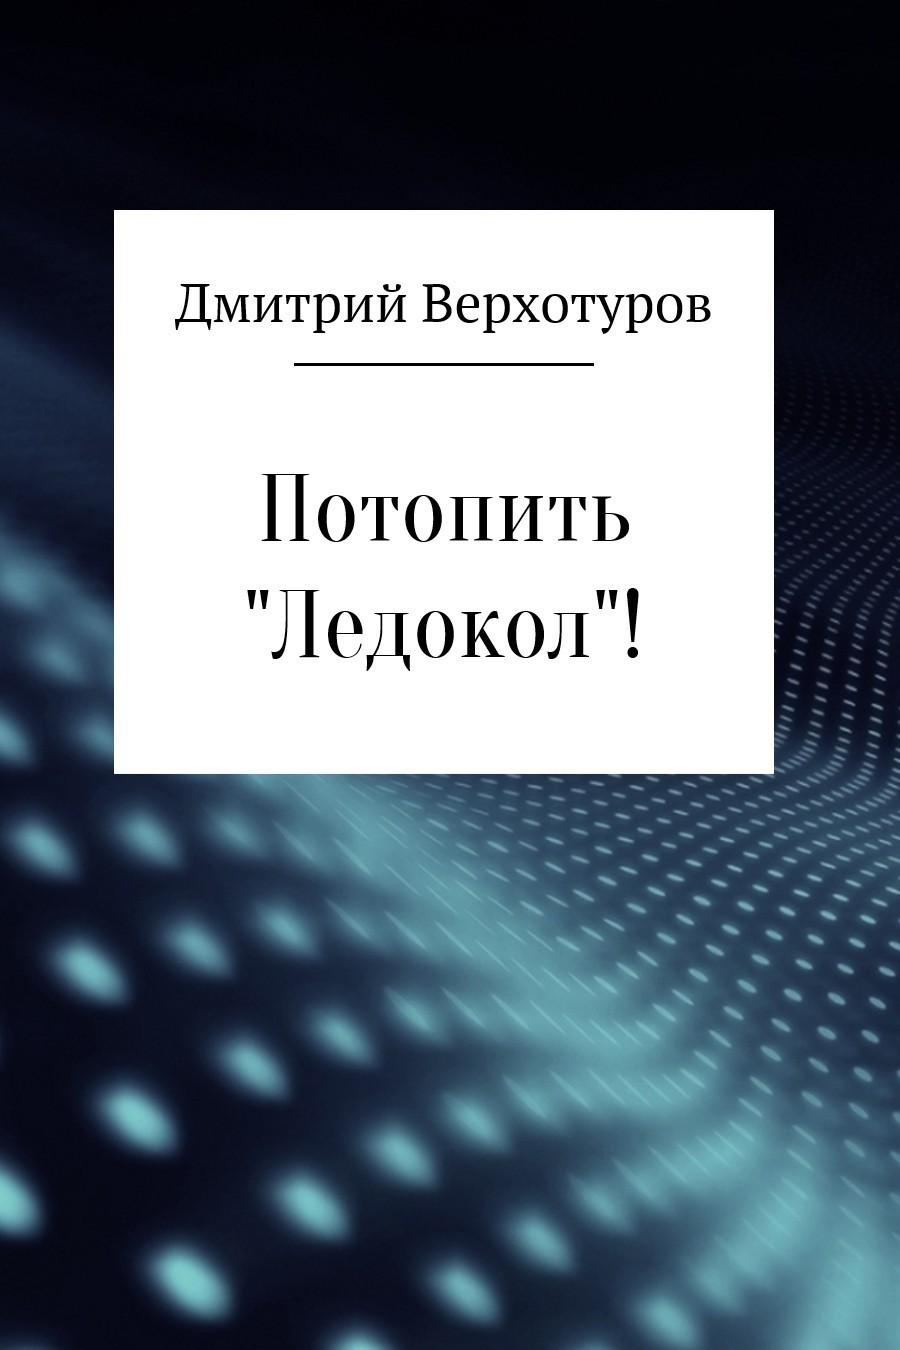 Дмитрий Николаевич Верхотуров бесплатно